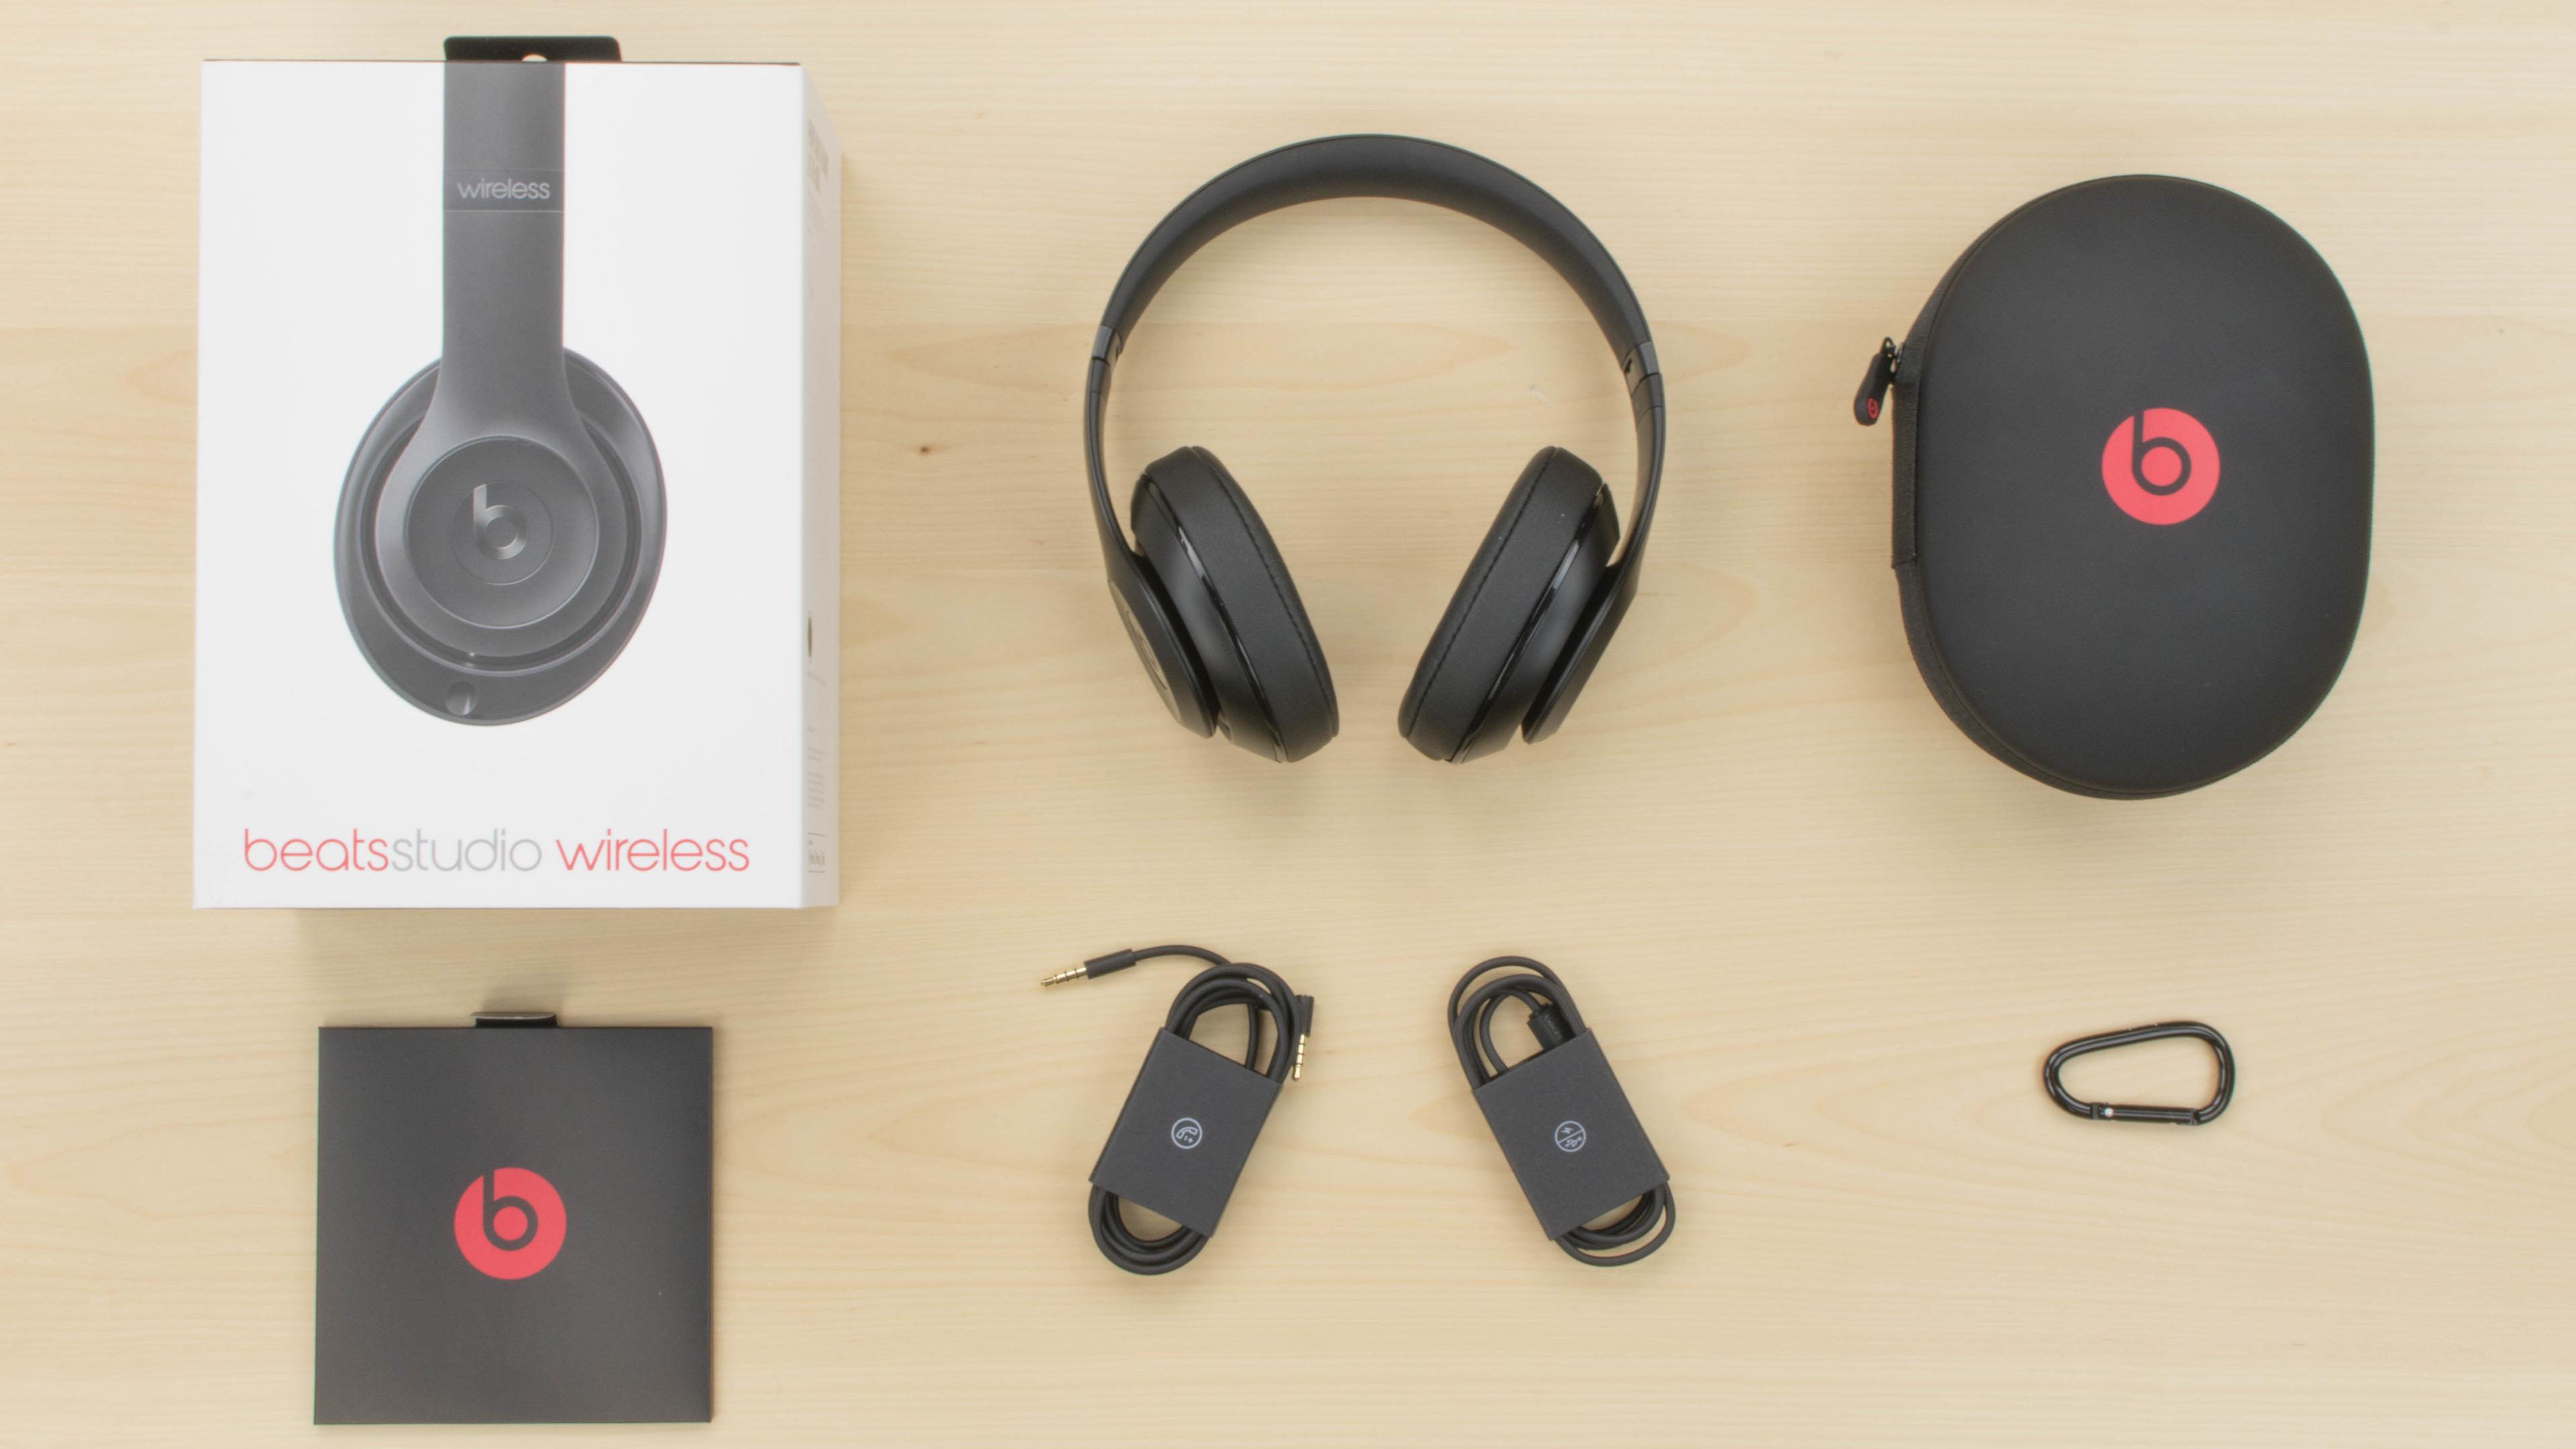 Beats headphones wireless studio 3 - studio headphones gaming